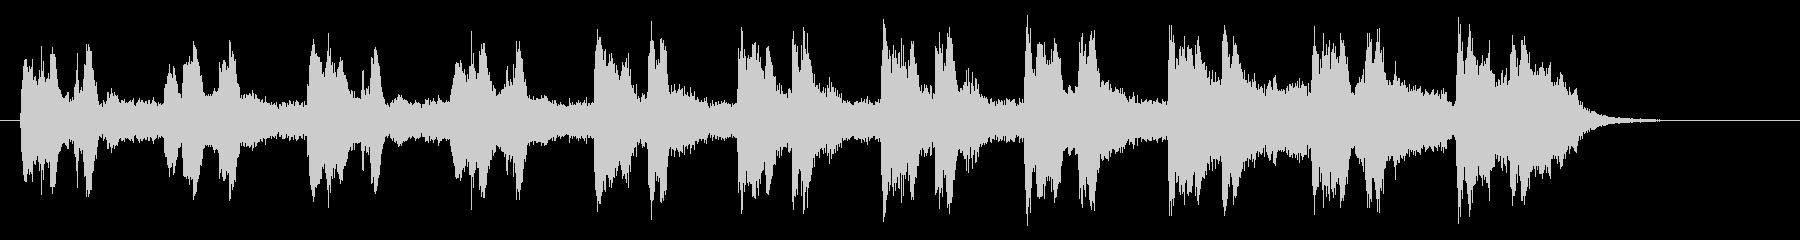 幻想的で静かなリラクゼーション音楽の未再生の波形